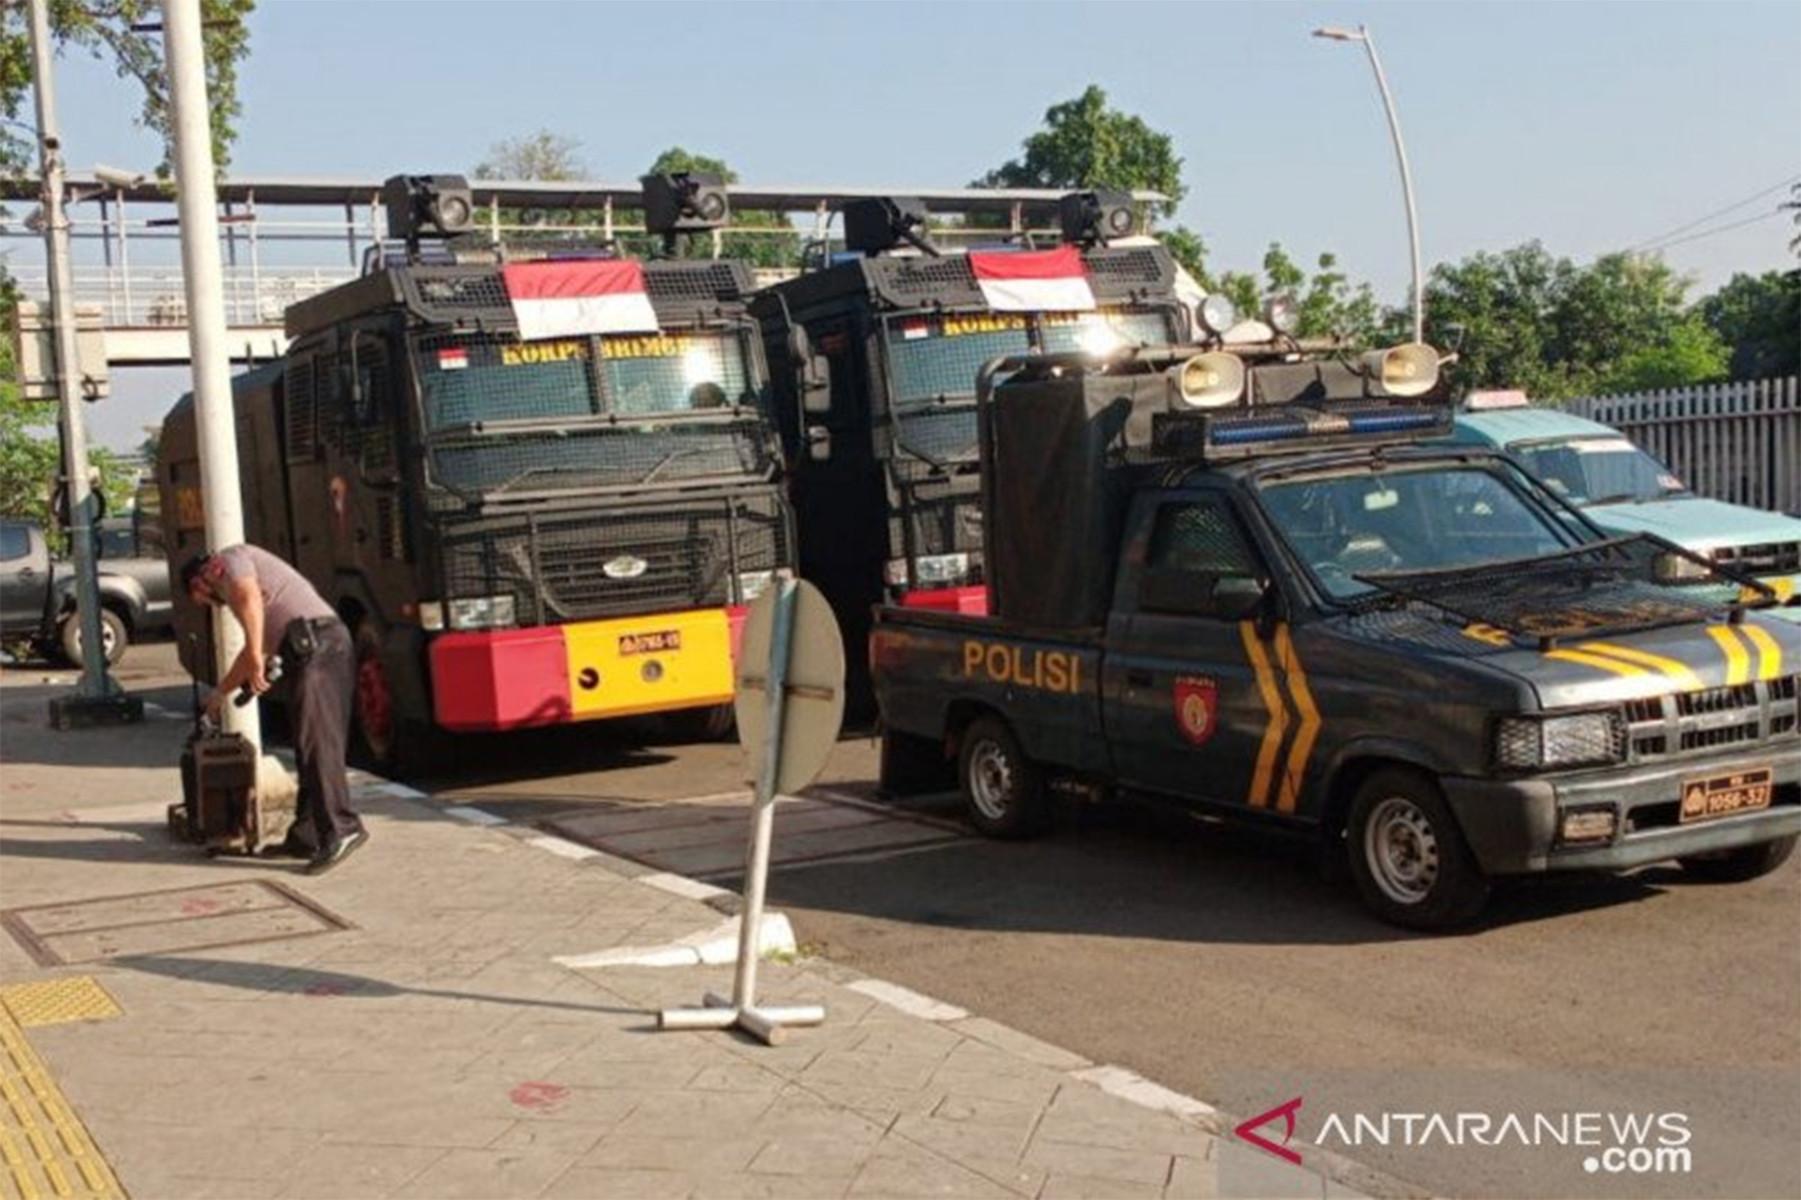 Unjuk Rasa di Jakarta Hari Ini: Ada Buruh, PKL Hingga Petani - JPNN.com